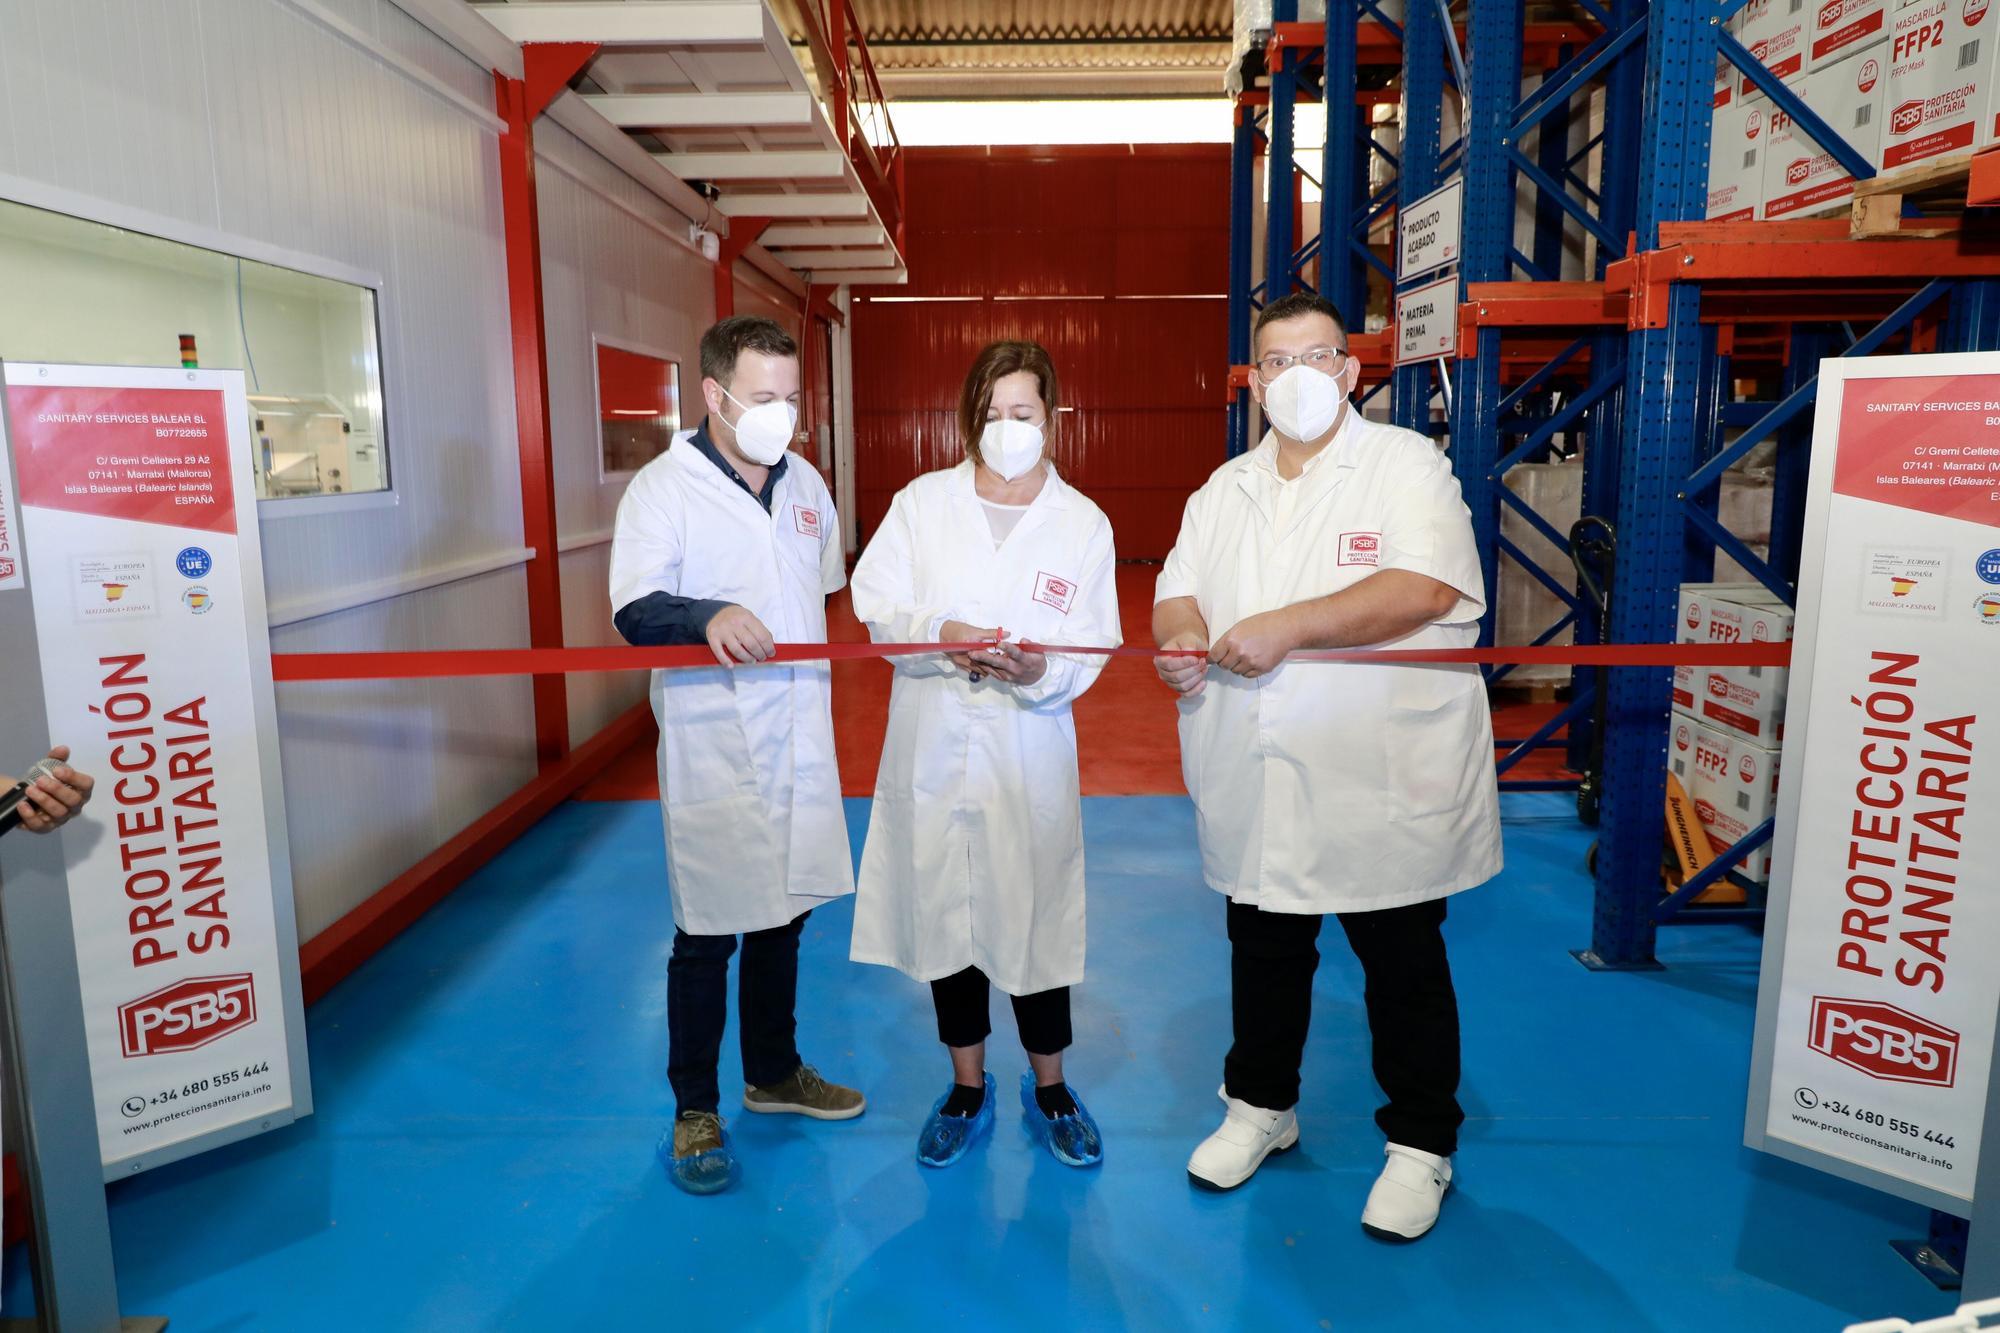 Armengol visita la empresa que fabricará por primera vez mascarillas FFP2 en Mallorca